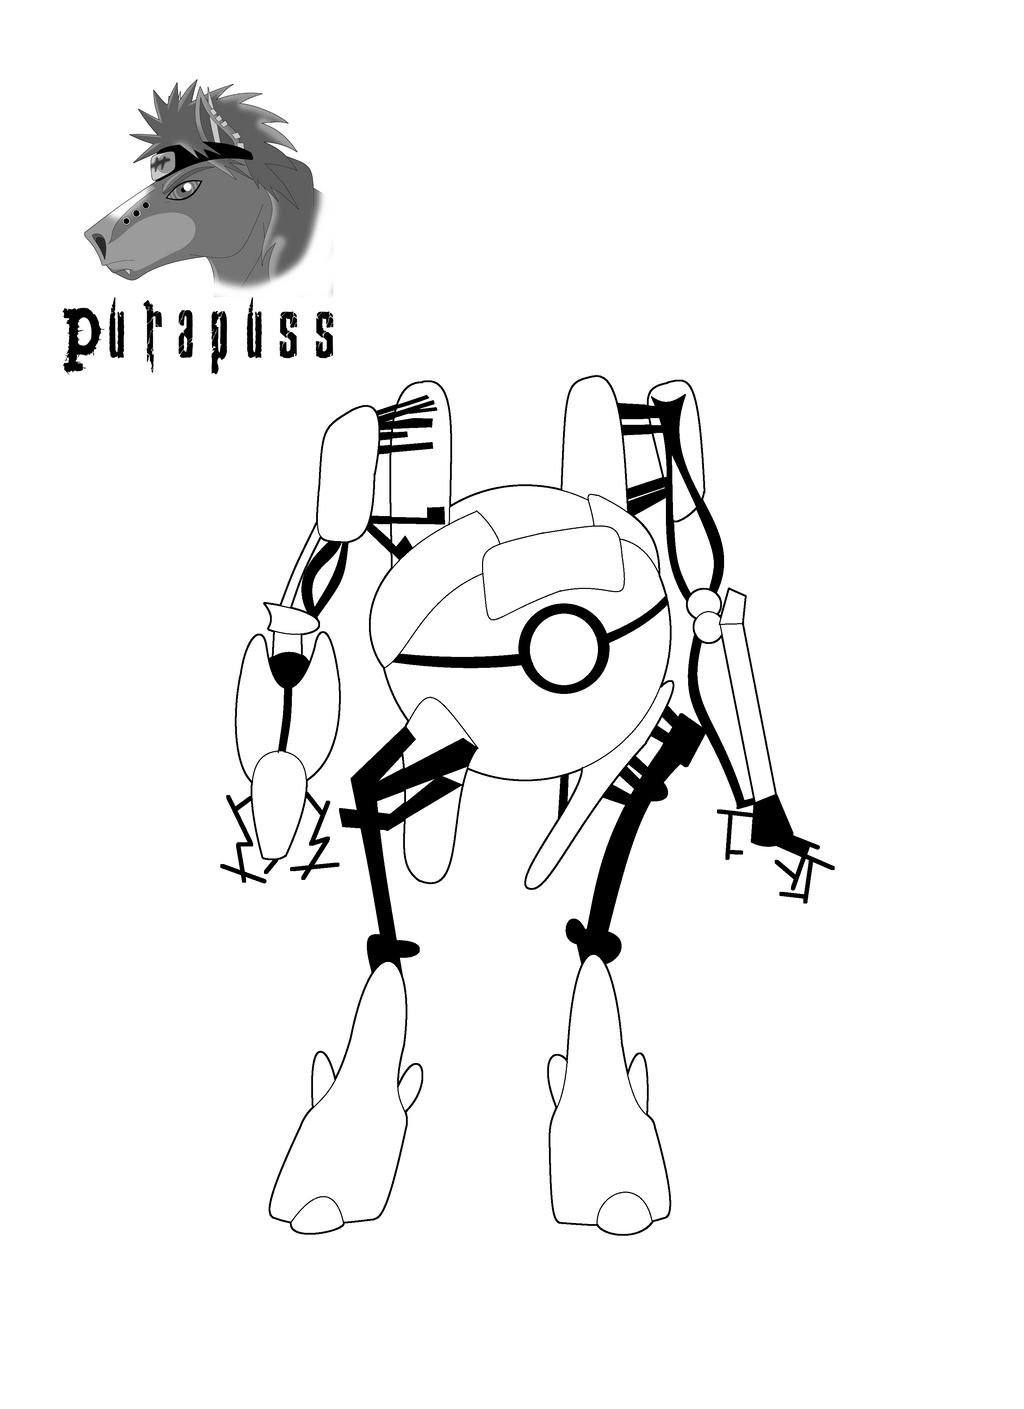 Line Drawing Robot : Robot line art by purapuss on deviantart